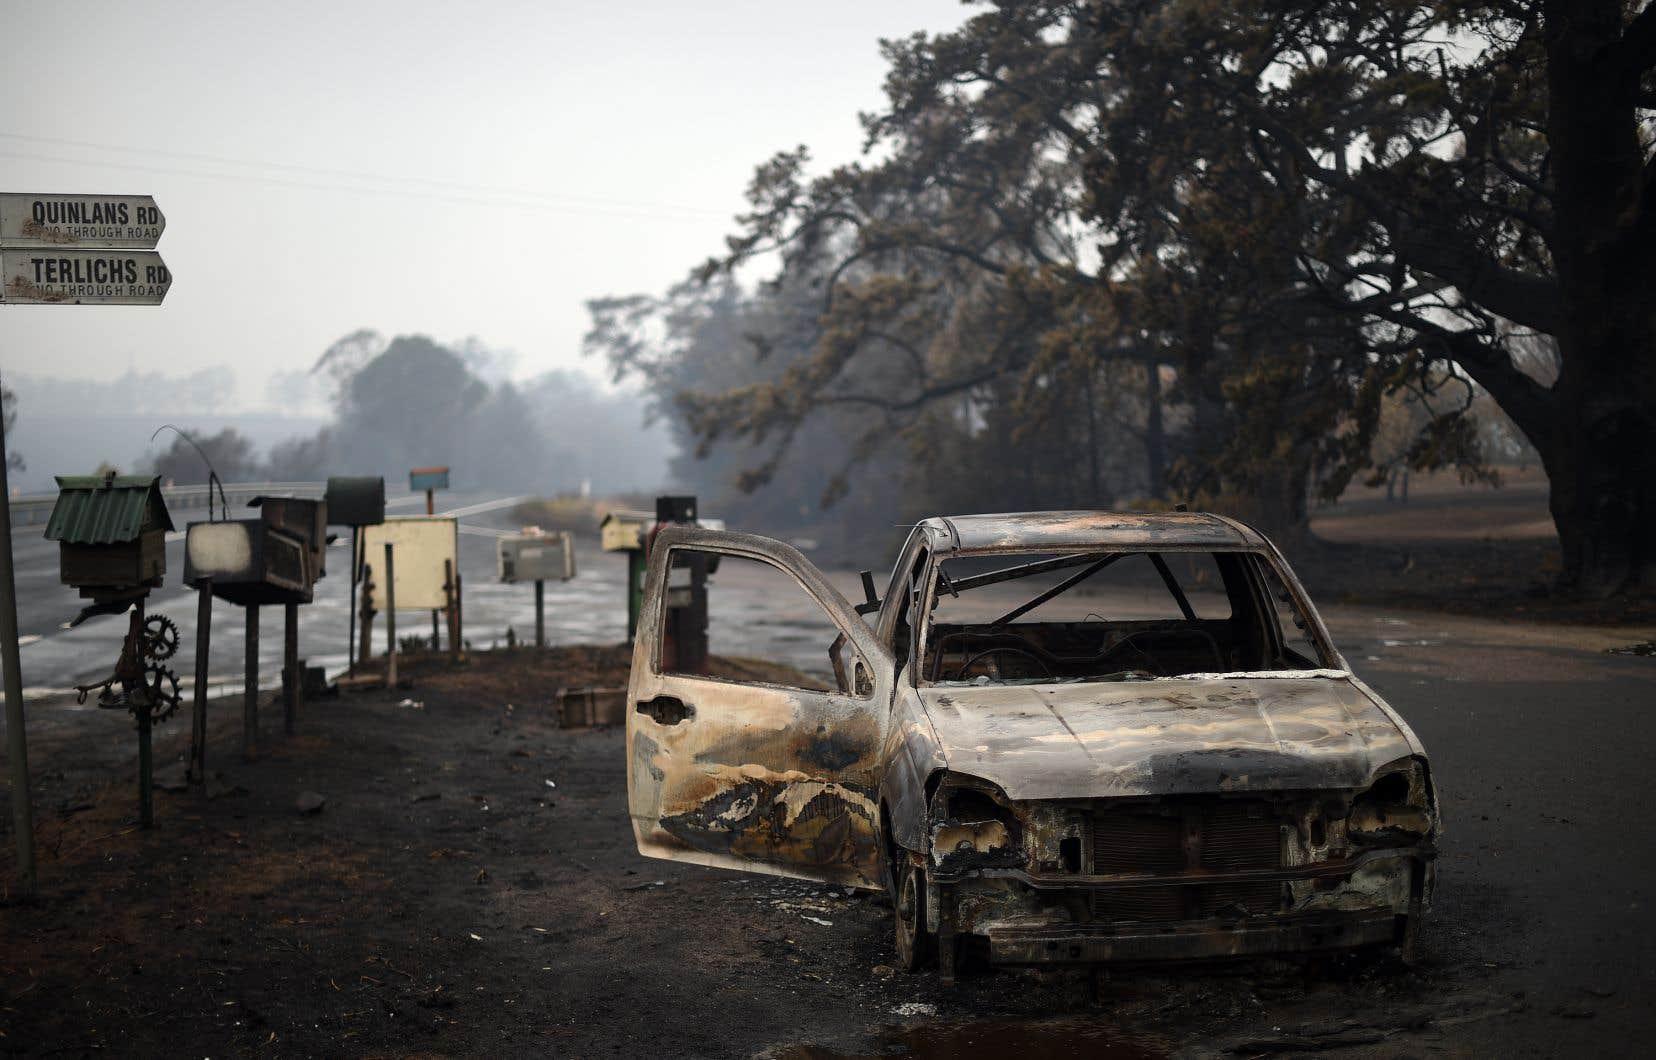 En dépit de conditions météo plus clémentes lundi, les autorités ont averti que la crise était loin d'être terminée, alors que les incendies ont transformé d'immenses étendues boisées en champs de cendres.